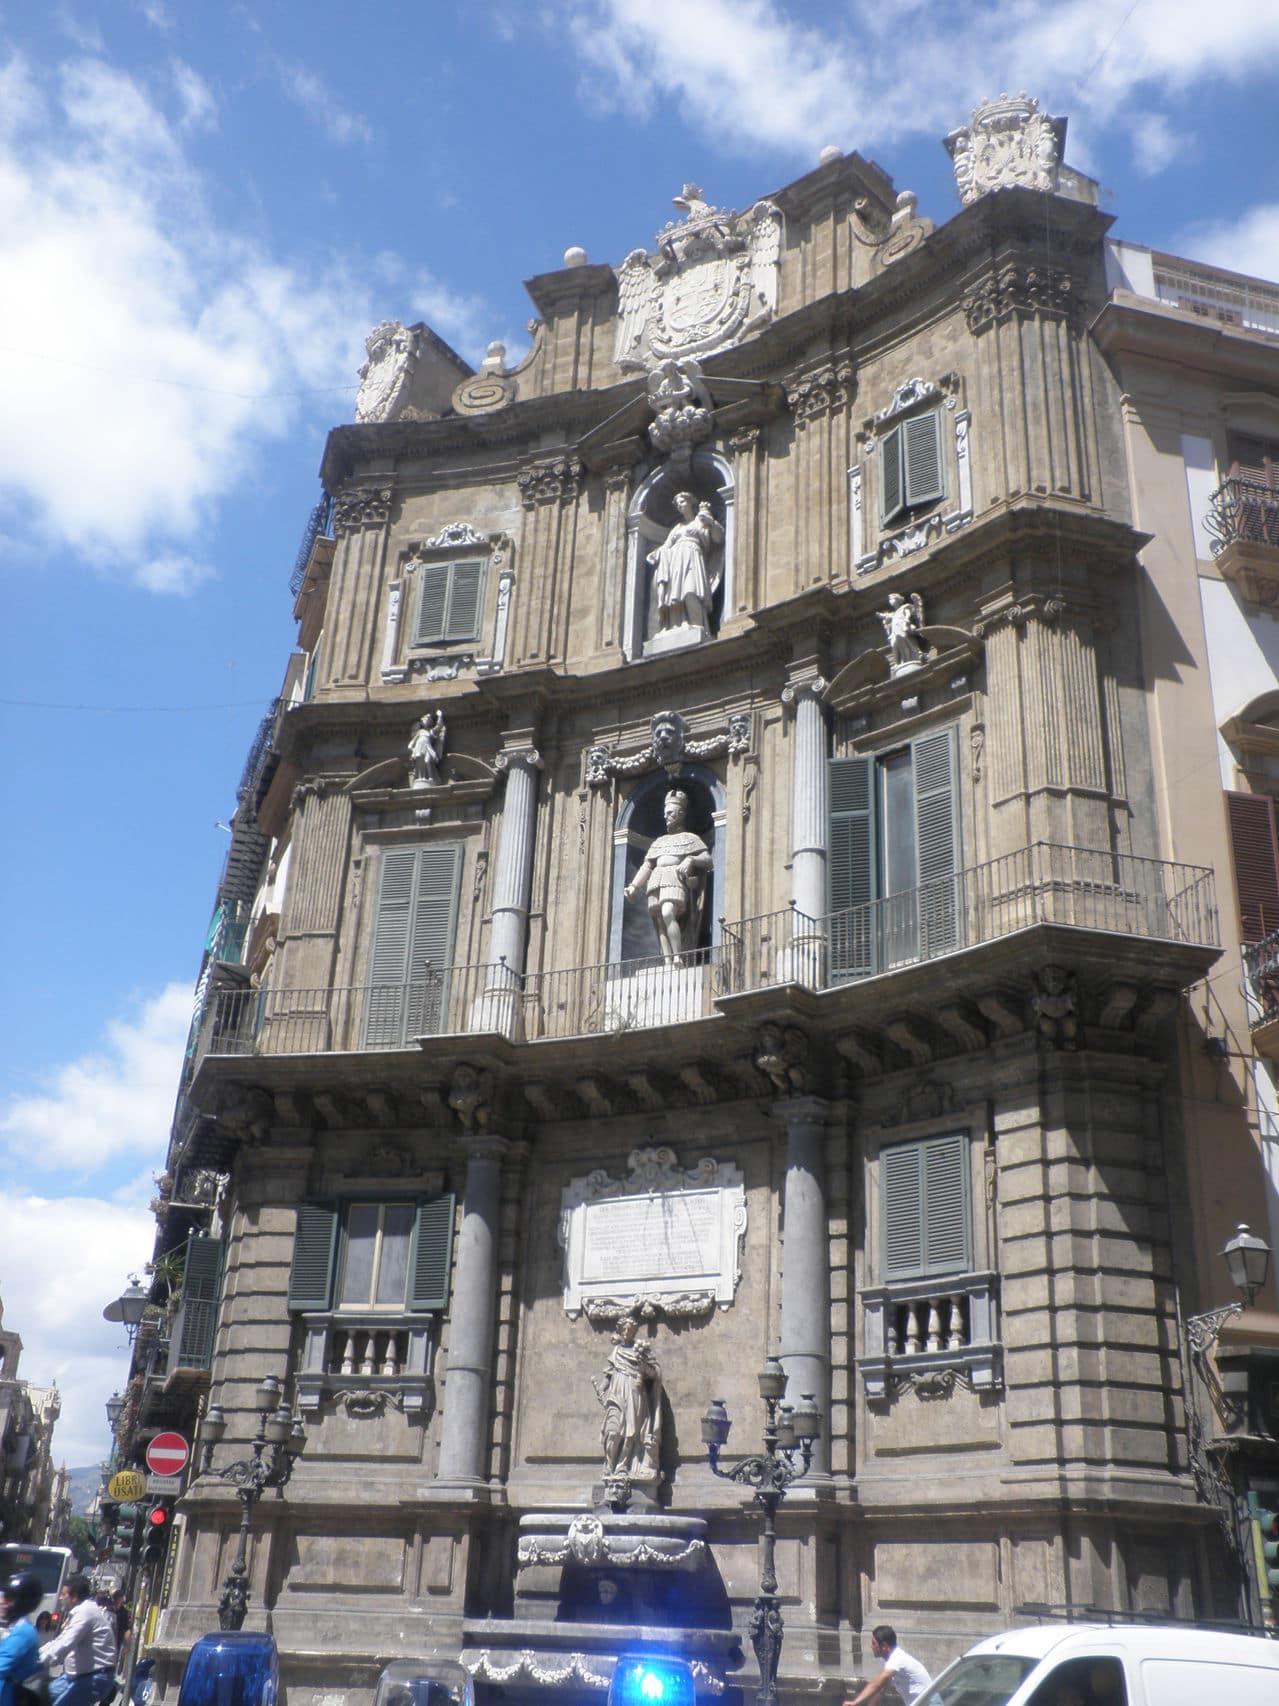 Viaje Histórico-numismático a la ciudad de Palermo en Sicilia Palermo_009